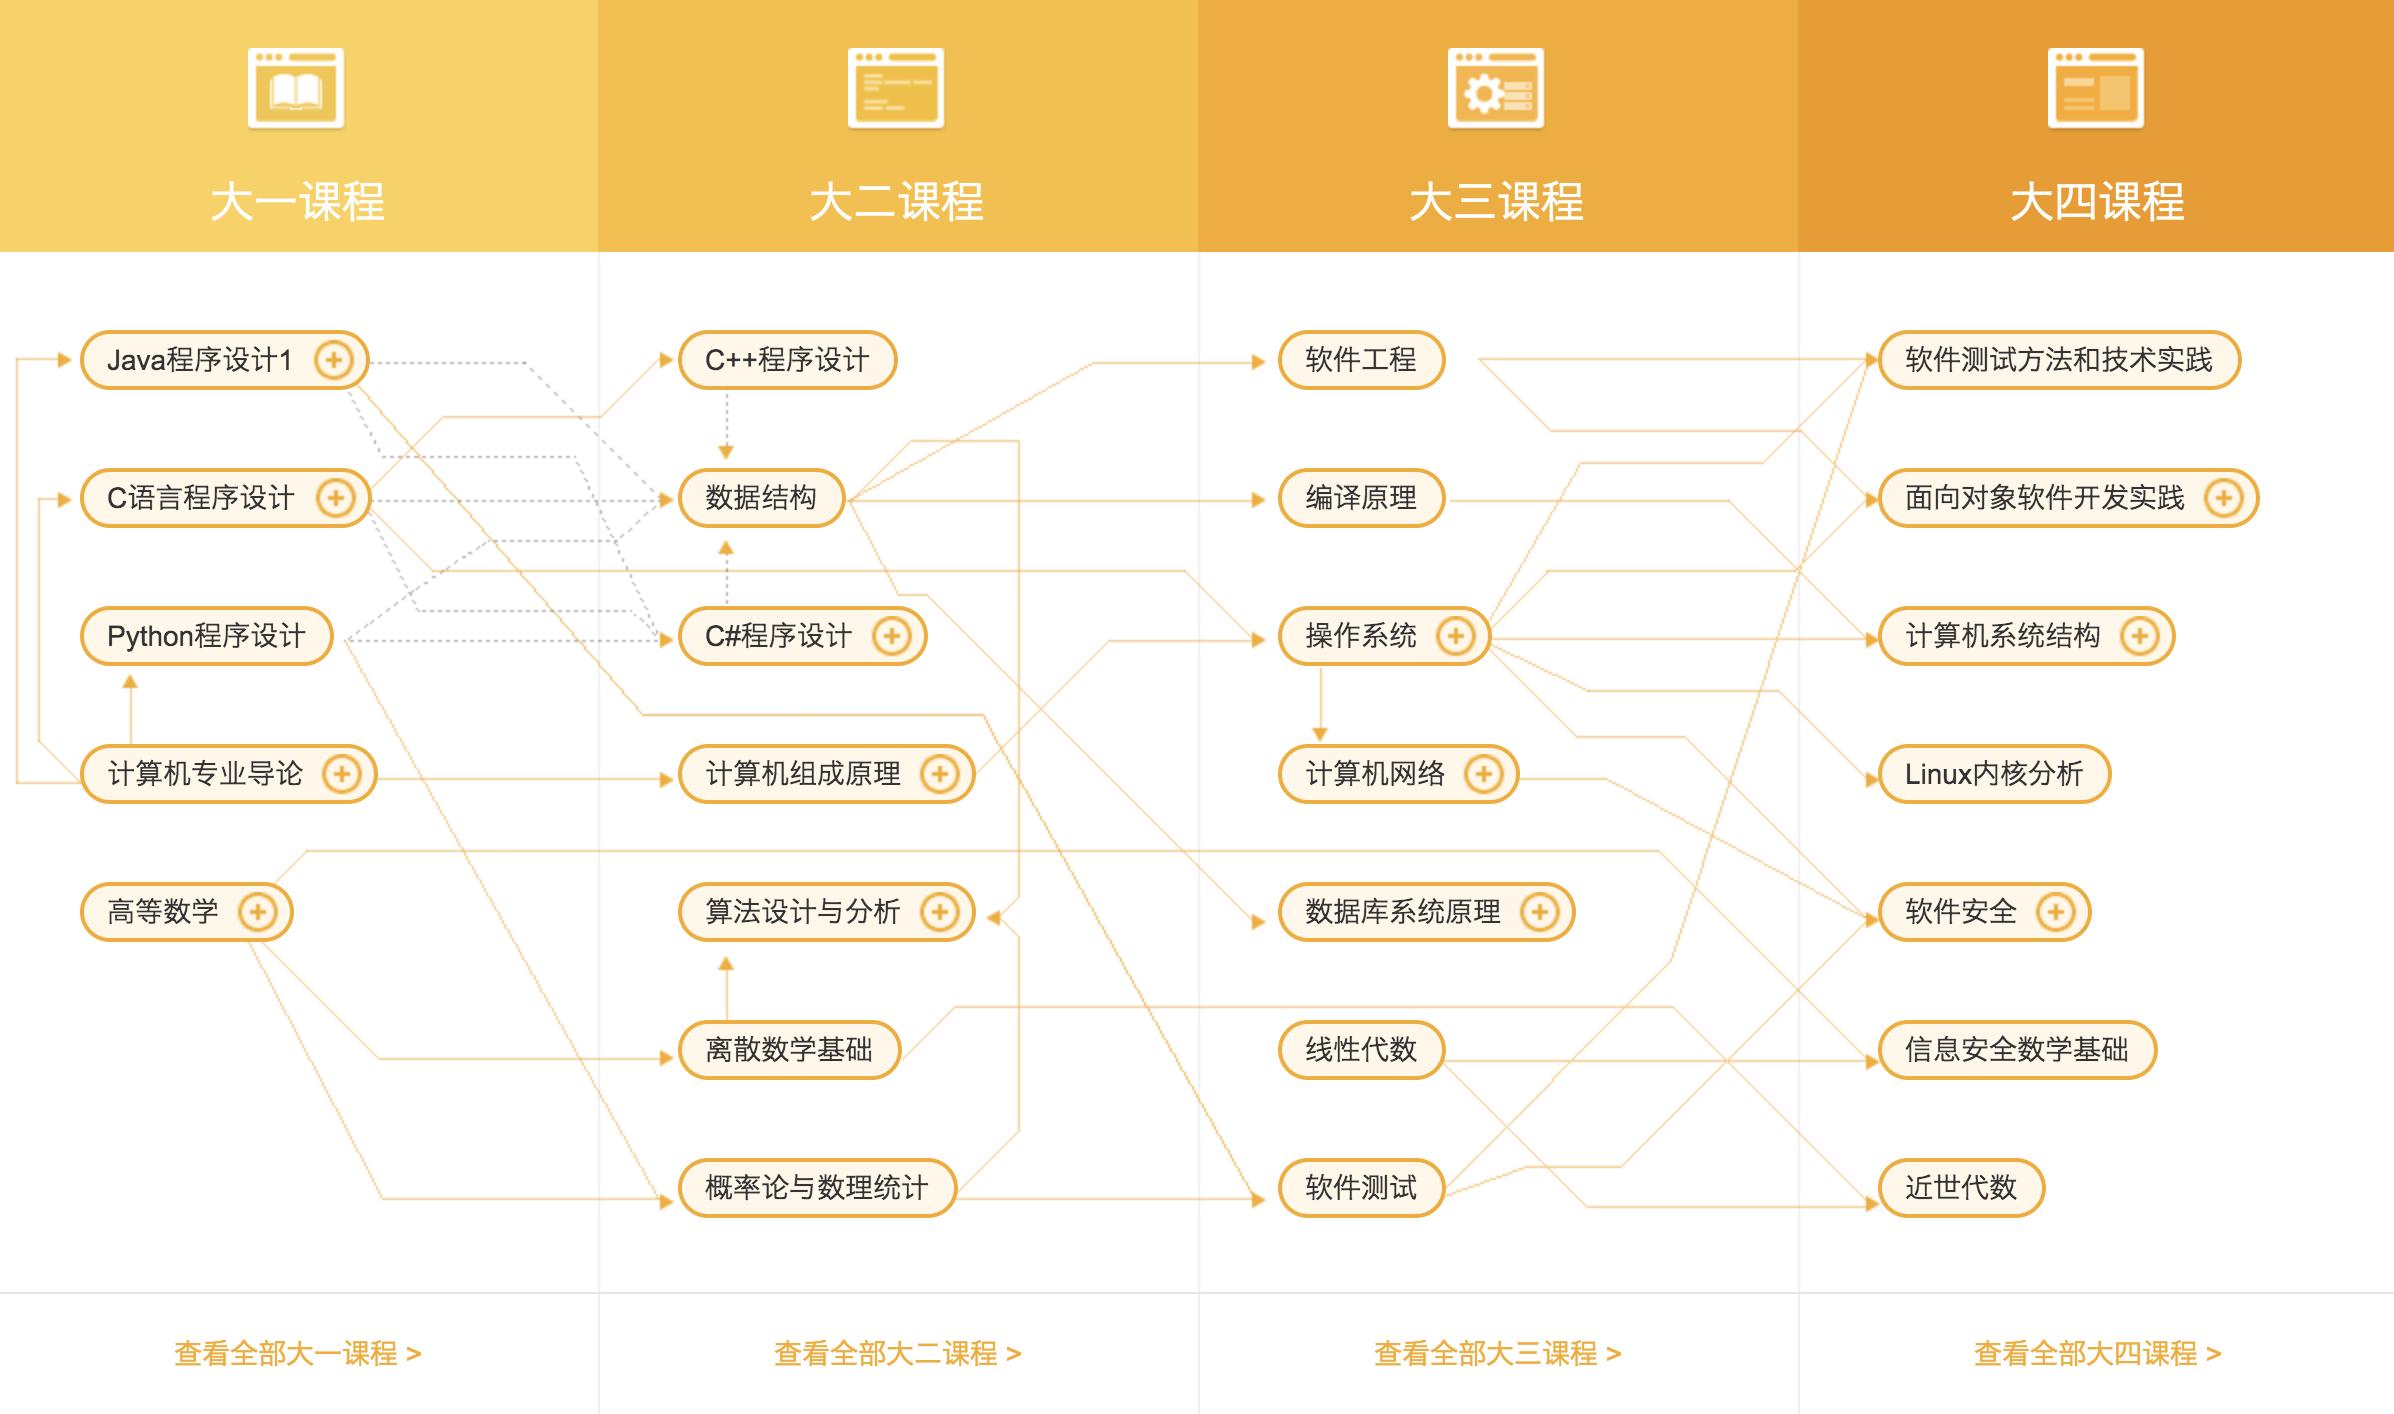 网易云课堂给出的计算机专业课程体系图